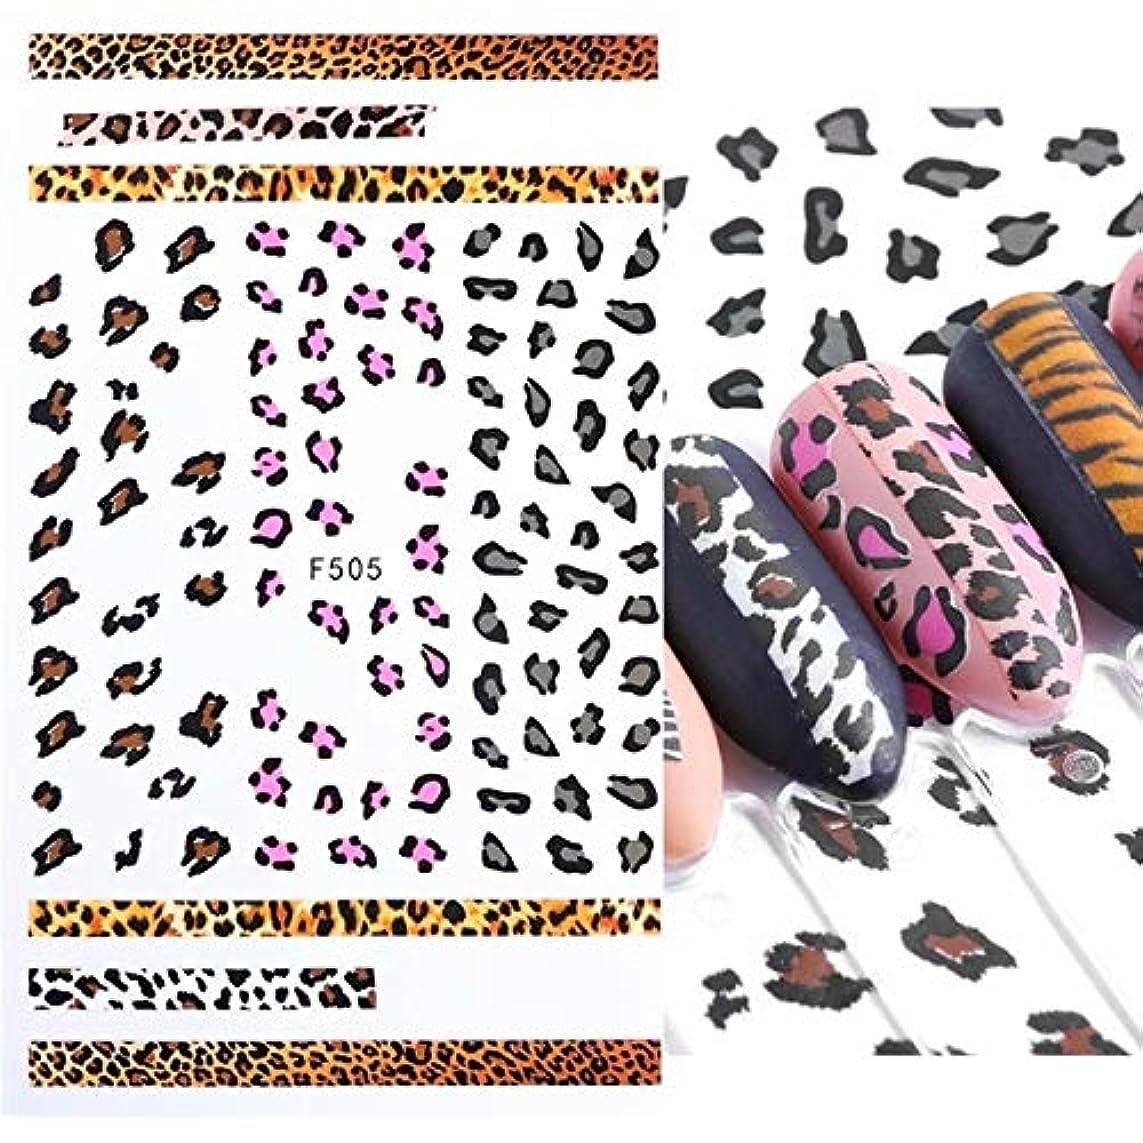 に同意する内訳スティックSUKTI&XIAO ネイルステッカー 1ピースネイルステッカーヒョウ柄動物パターンデザイン3D粘着マニキュアツールスライダーネイルアート装飾